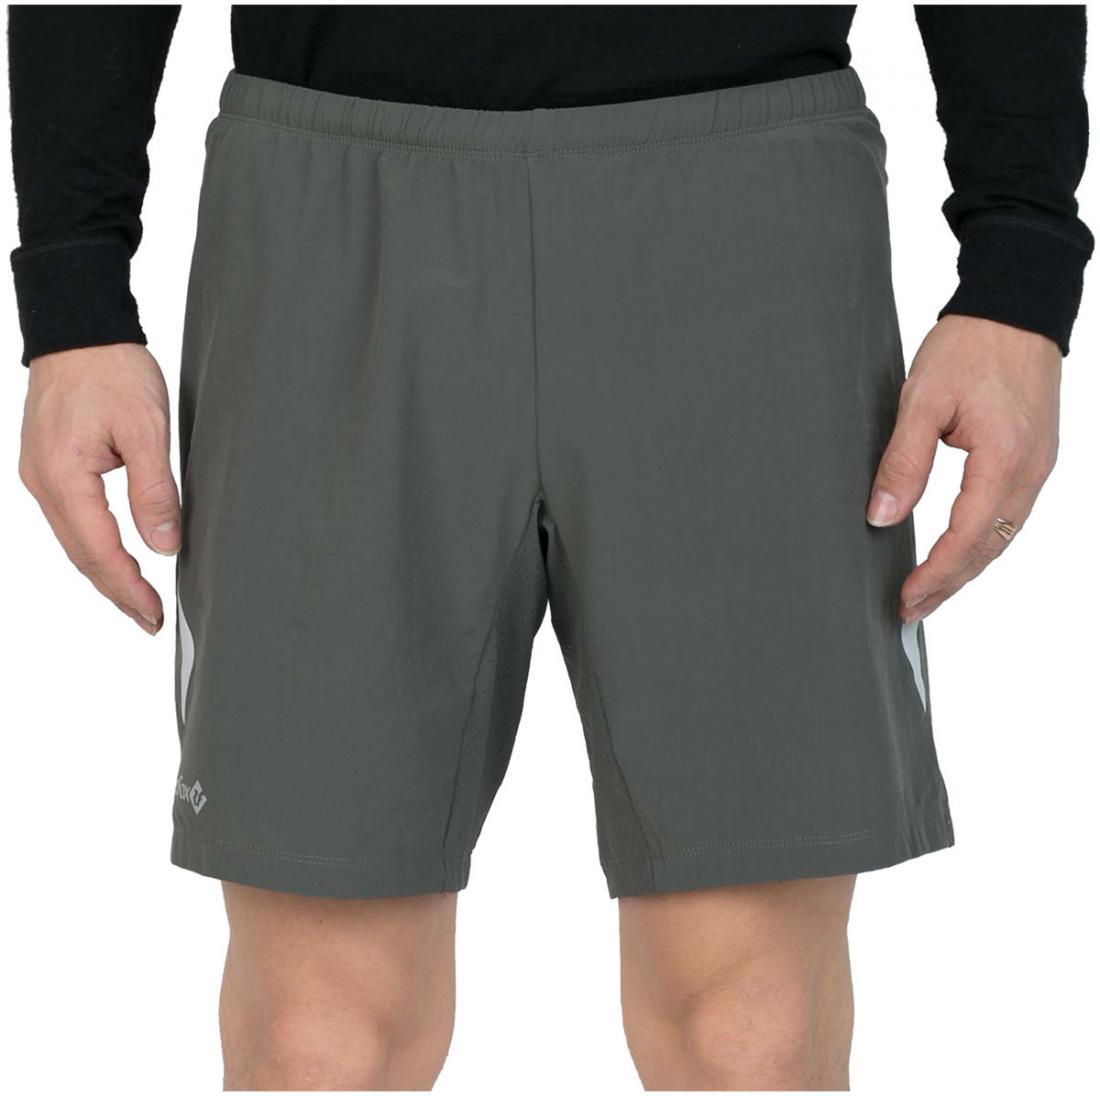 Шорты Race IIШорты, бриджи<br><br> Легкие спортивные шорты свободного кроя. выполнены из эластичного материала с высокими показателями отведения и испарения влаги, что позволяет использовать изделие для занятий активными видами спорта на открытом воздухе.<br><br><br>основное ...<br><br>Цвет: Серый<br>Размер: 52